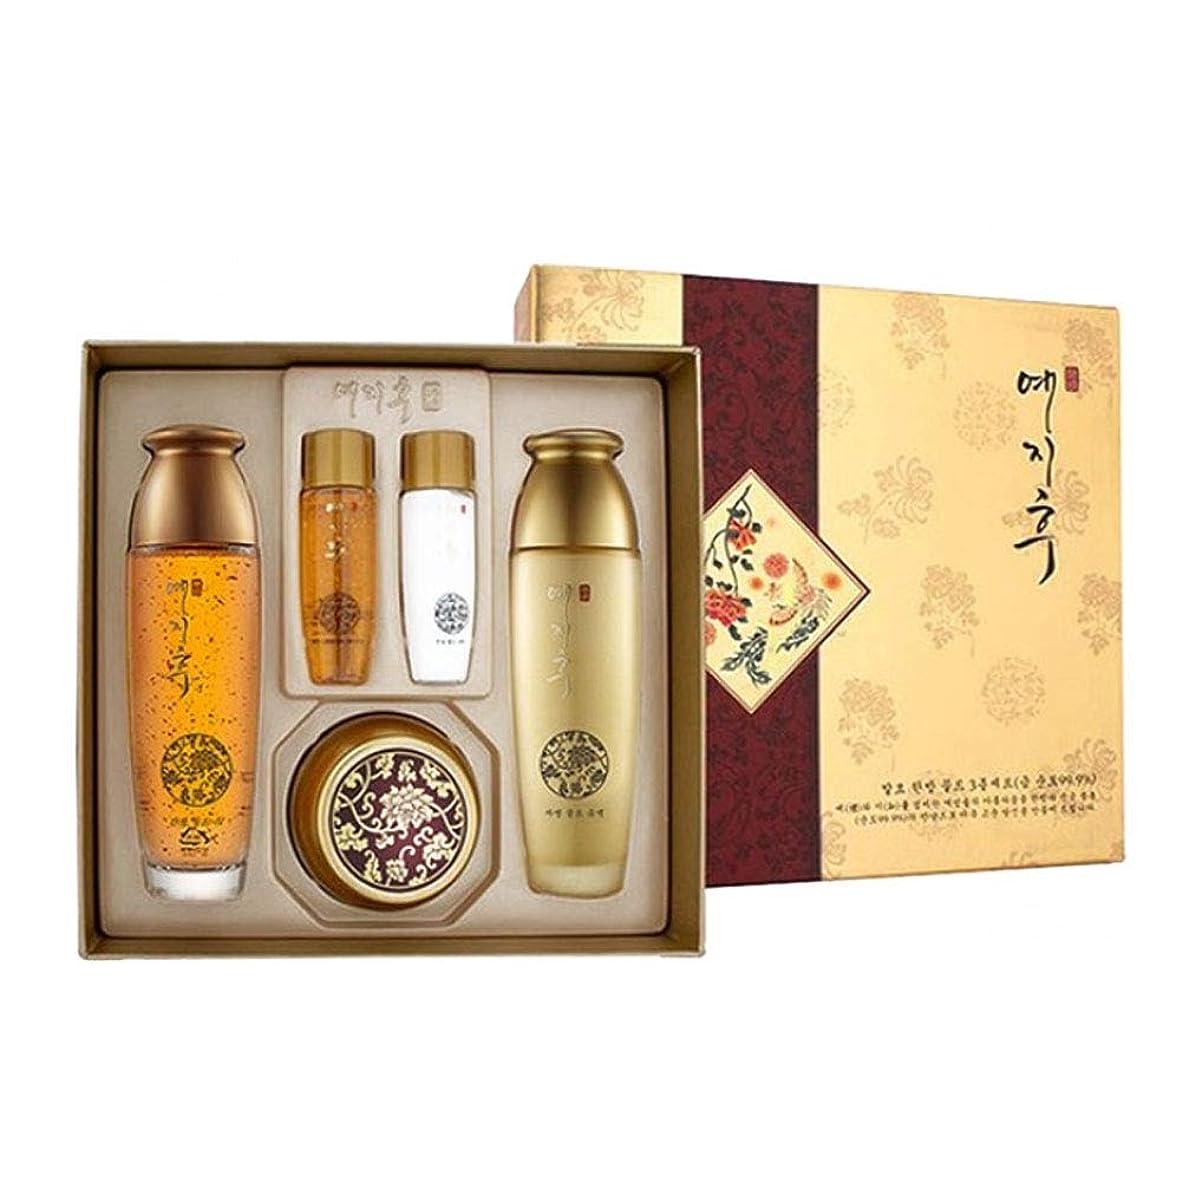 アリーナ眼狼イェジフ漢方ゴールド3種セットゴールド水180ml(150+30) ゴールド乳液180ml(150+30) ゴールド栄養クリーム50ml、Yezihu 3 Sets of Herbal Gold Cosmetics [並行輸入品]